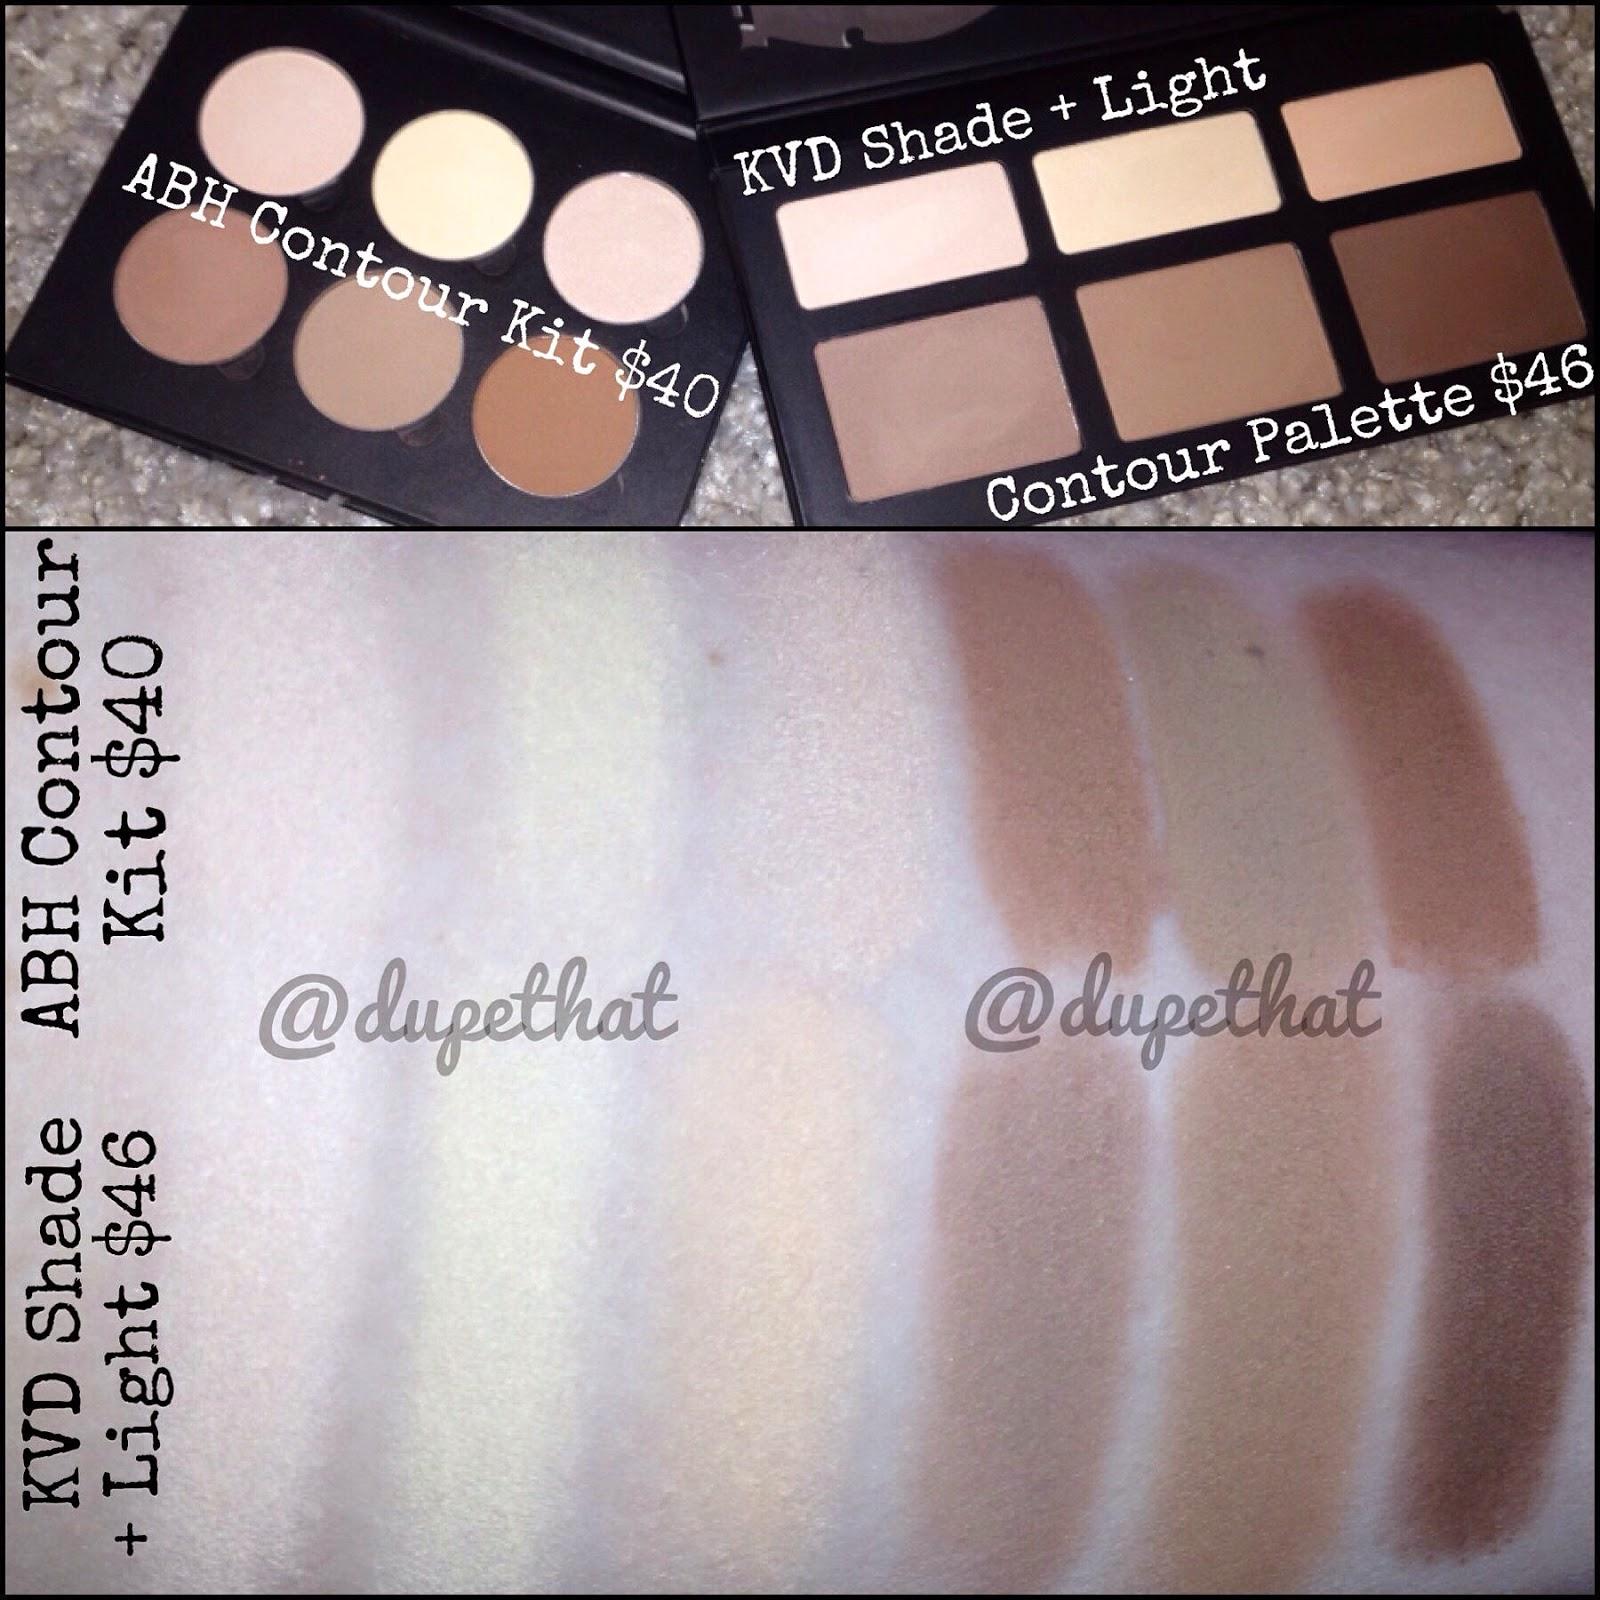 Shade + Light Crème Contour Refillable Palette by KVD Vegan Beauty #8